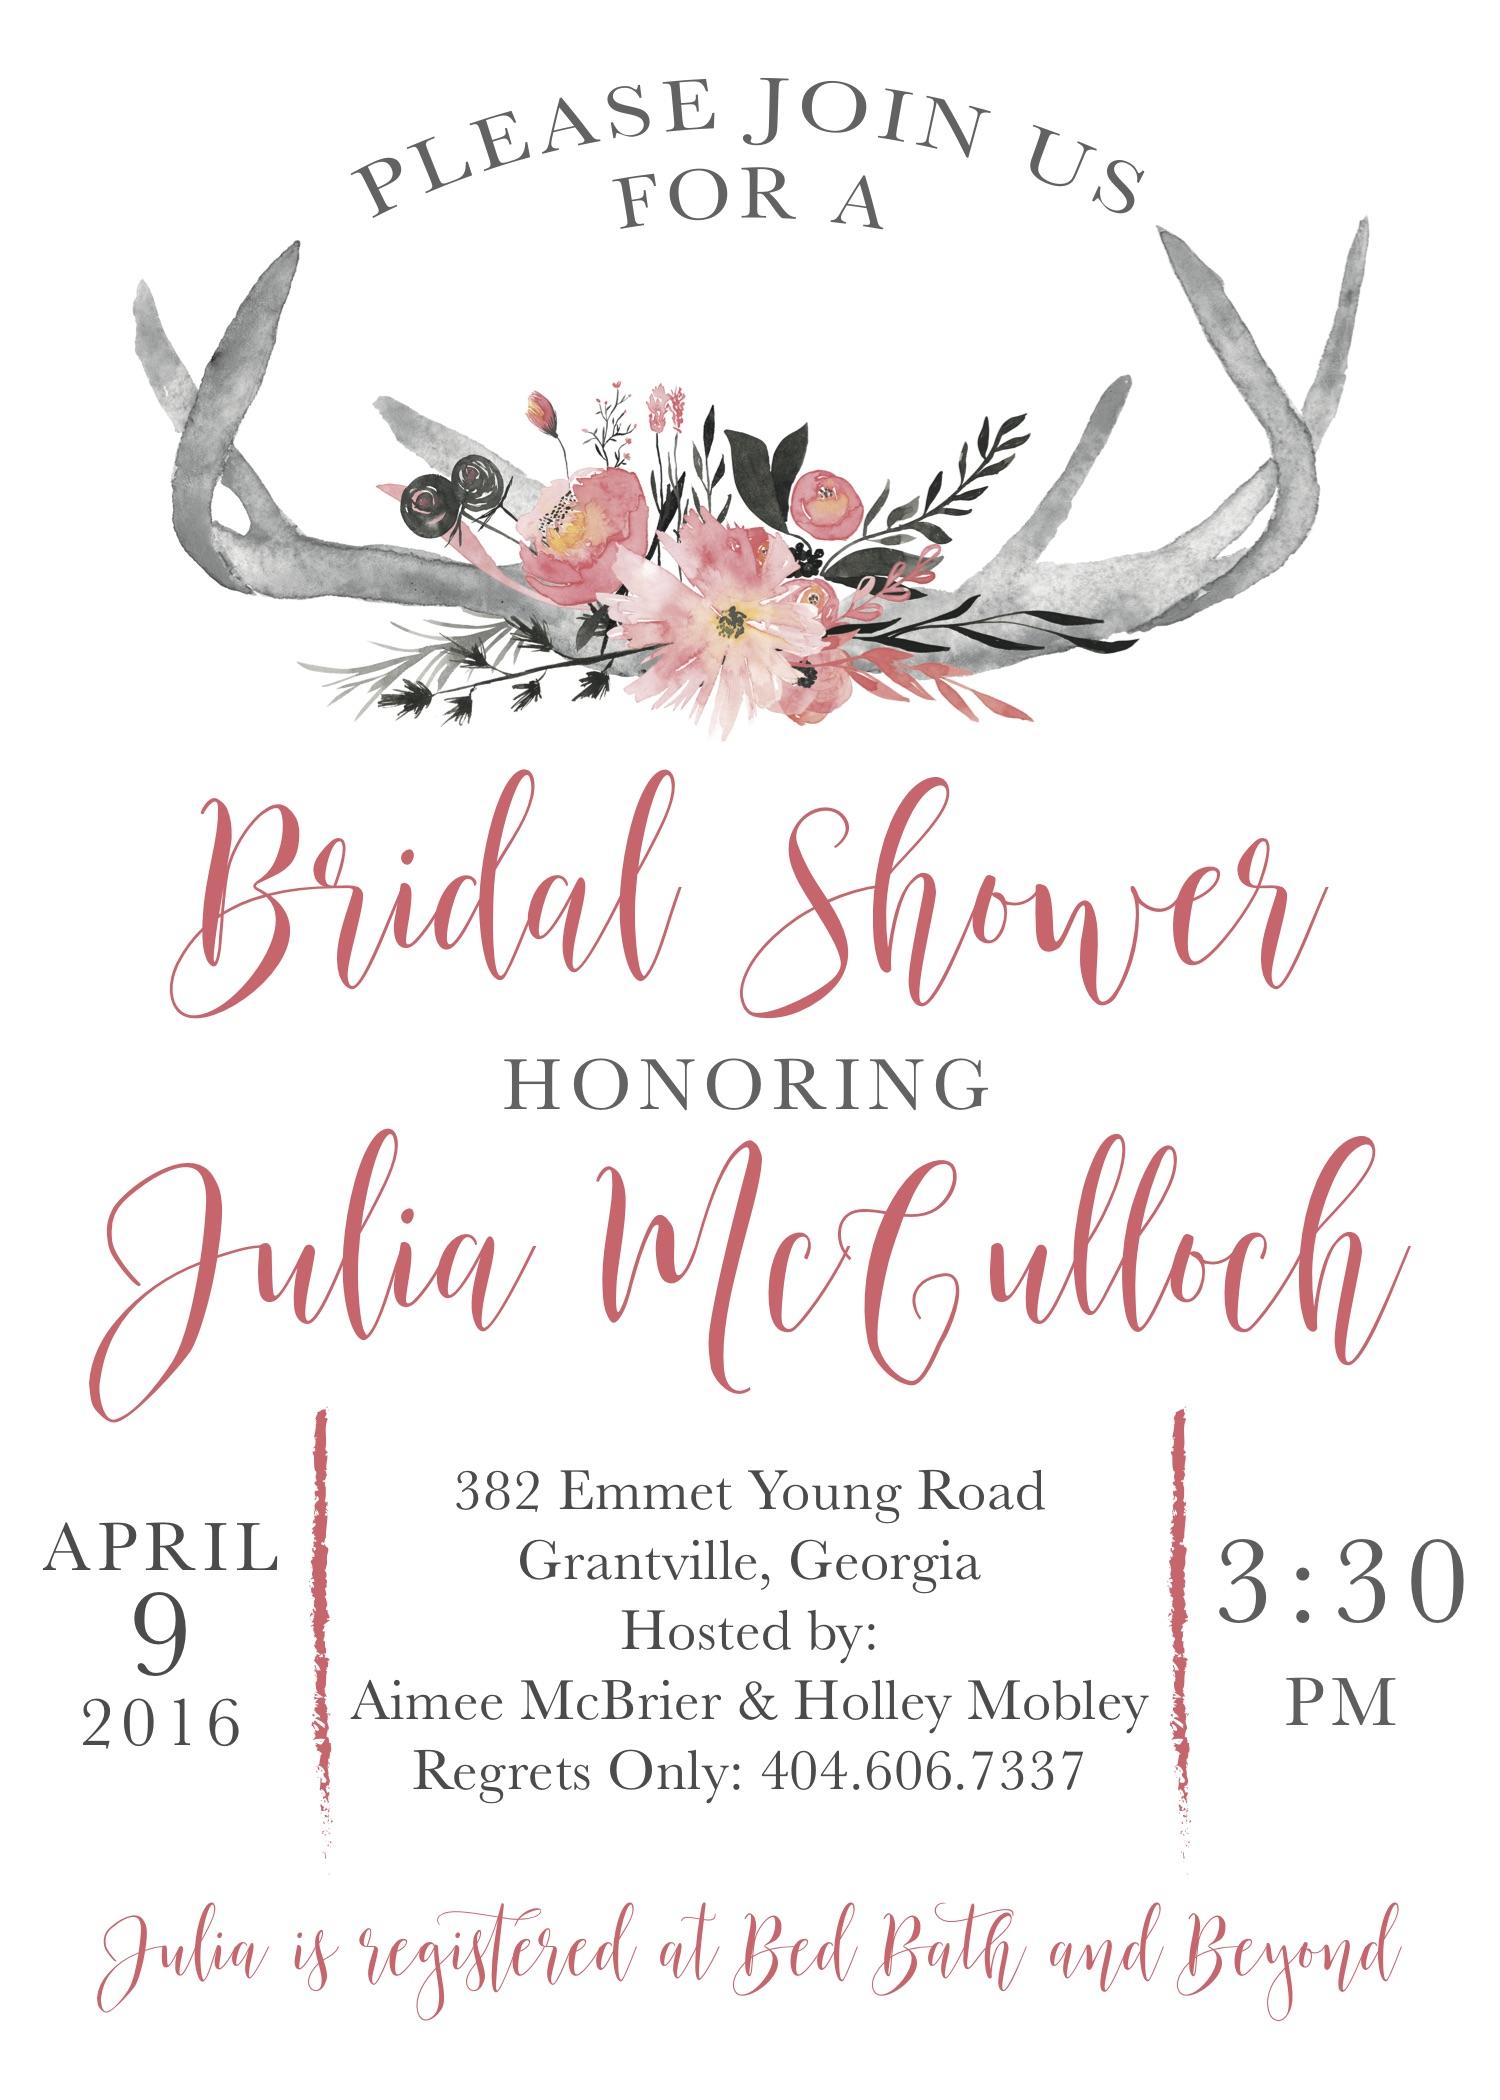 Bridal Shower Invitation.jpg